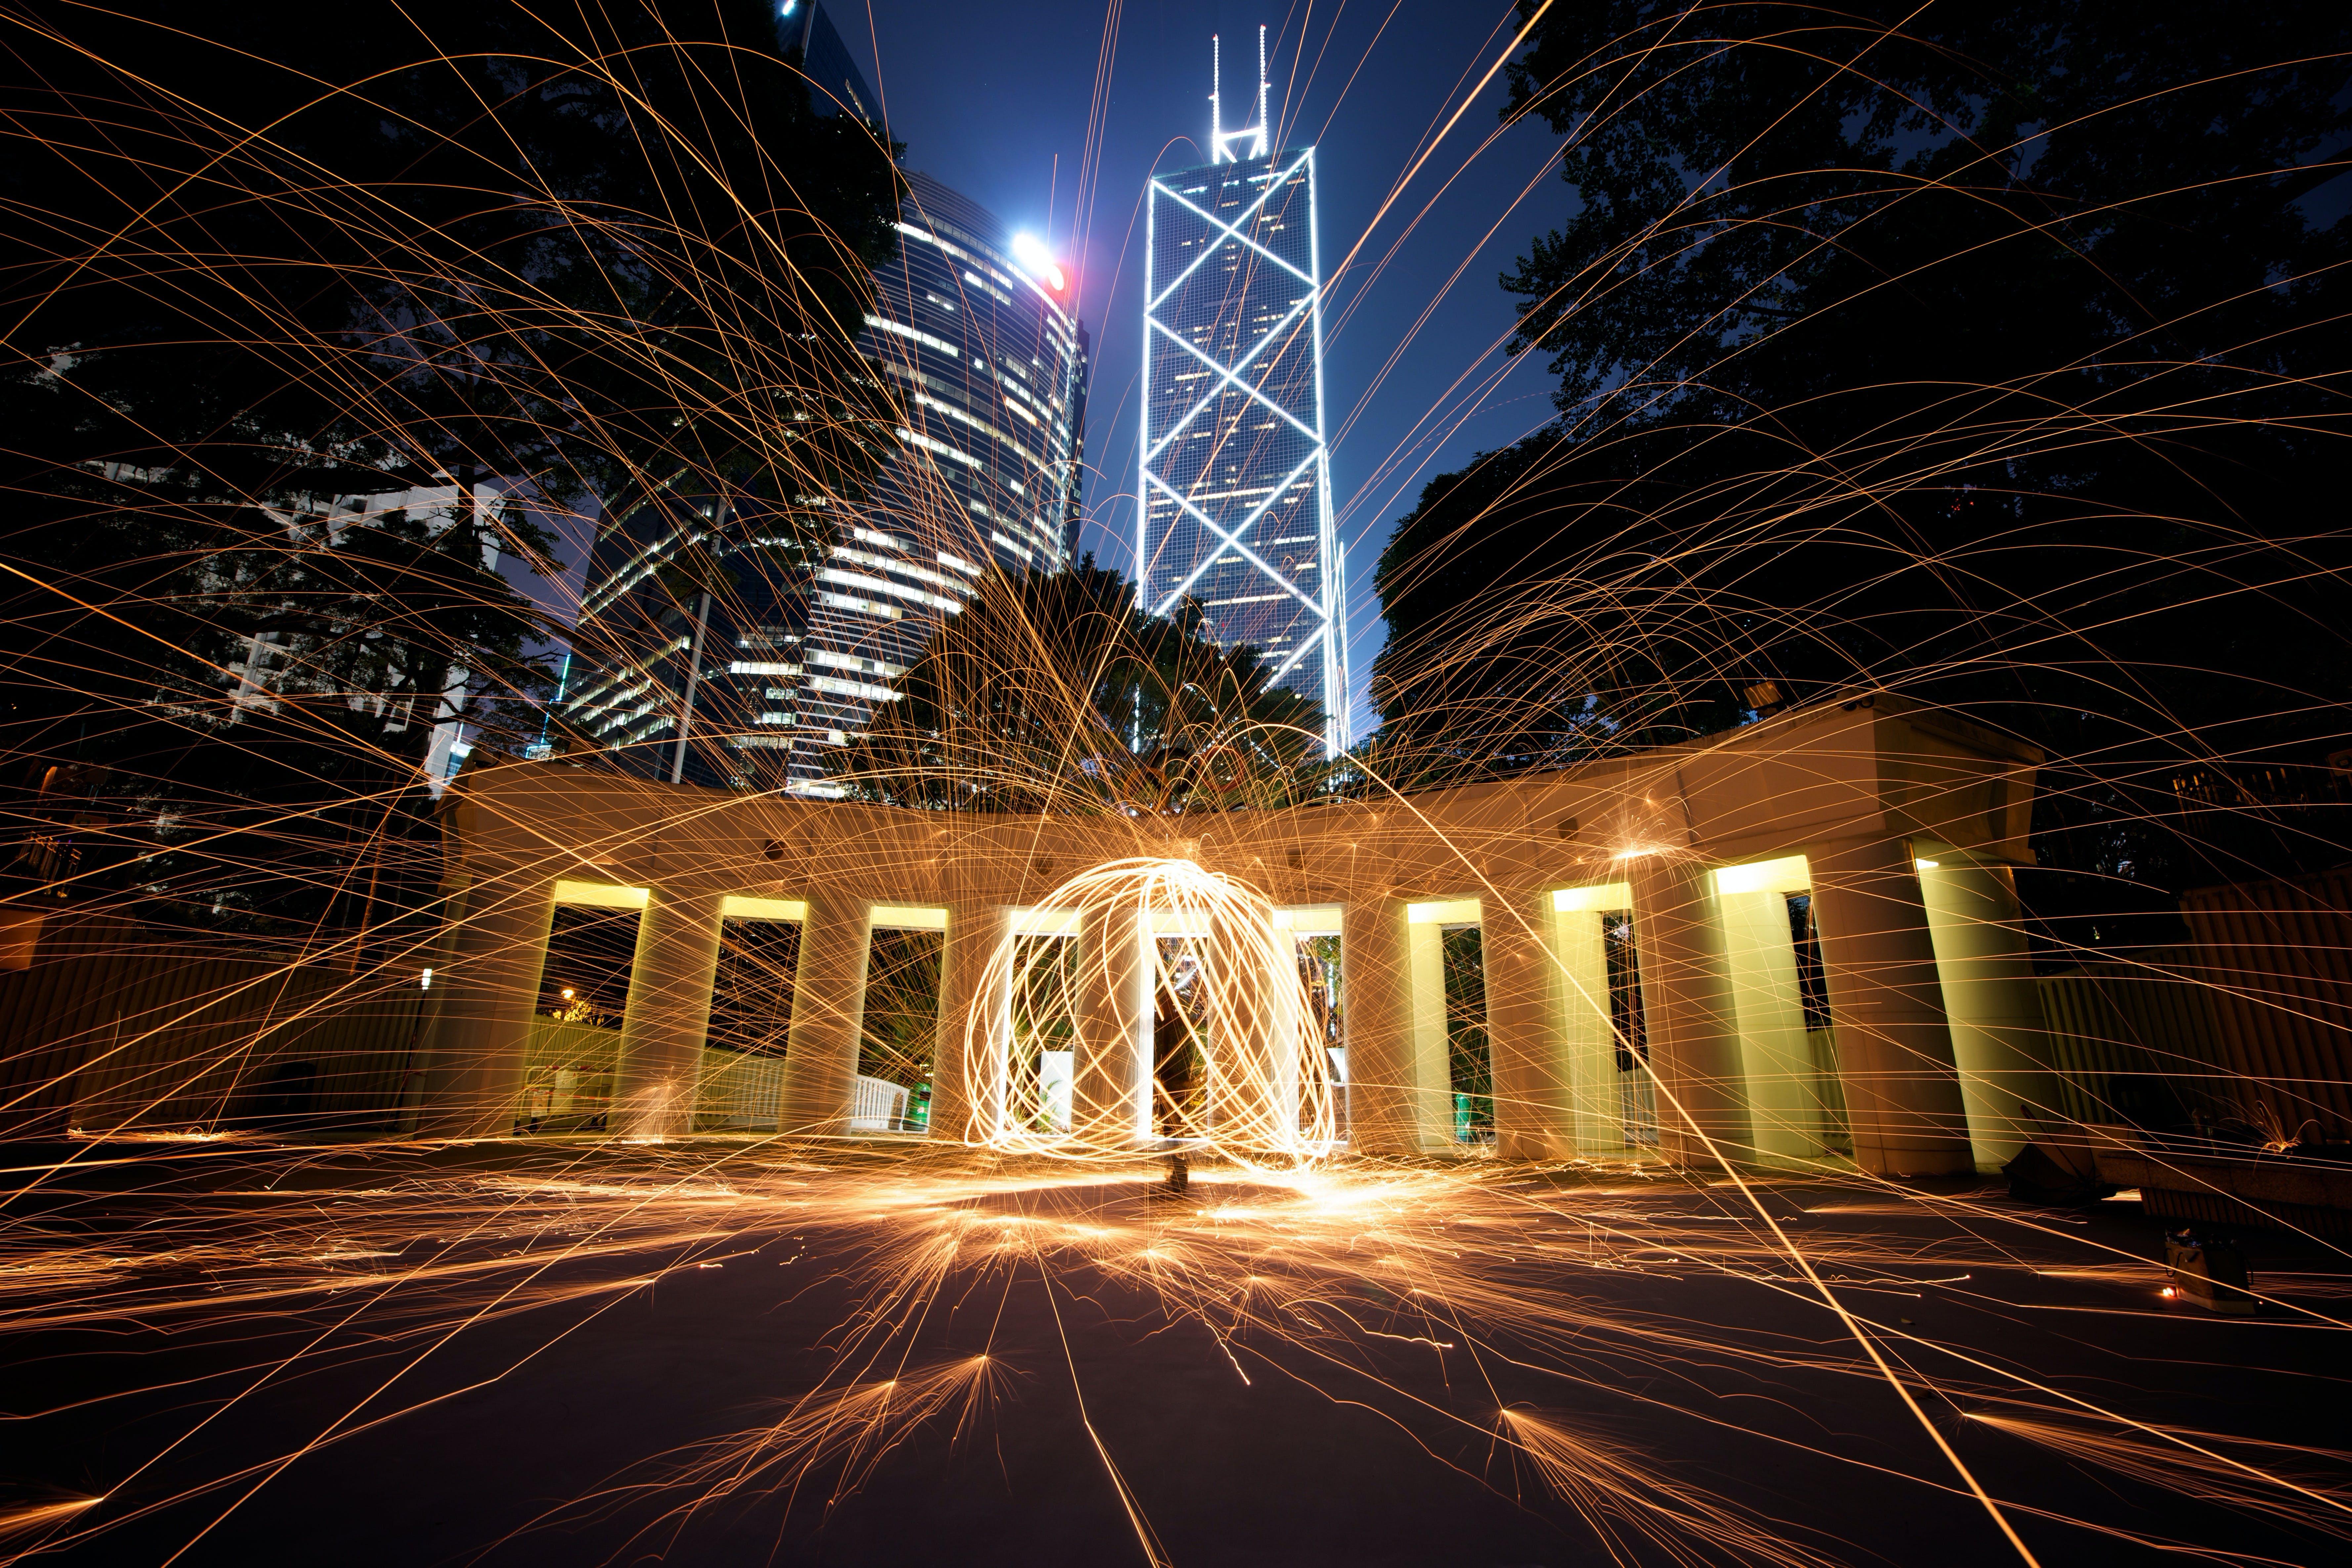 gece, ışıklar, uzun pozlama içeren Ücretsiz stok fotoğraf